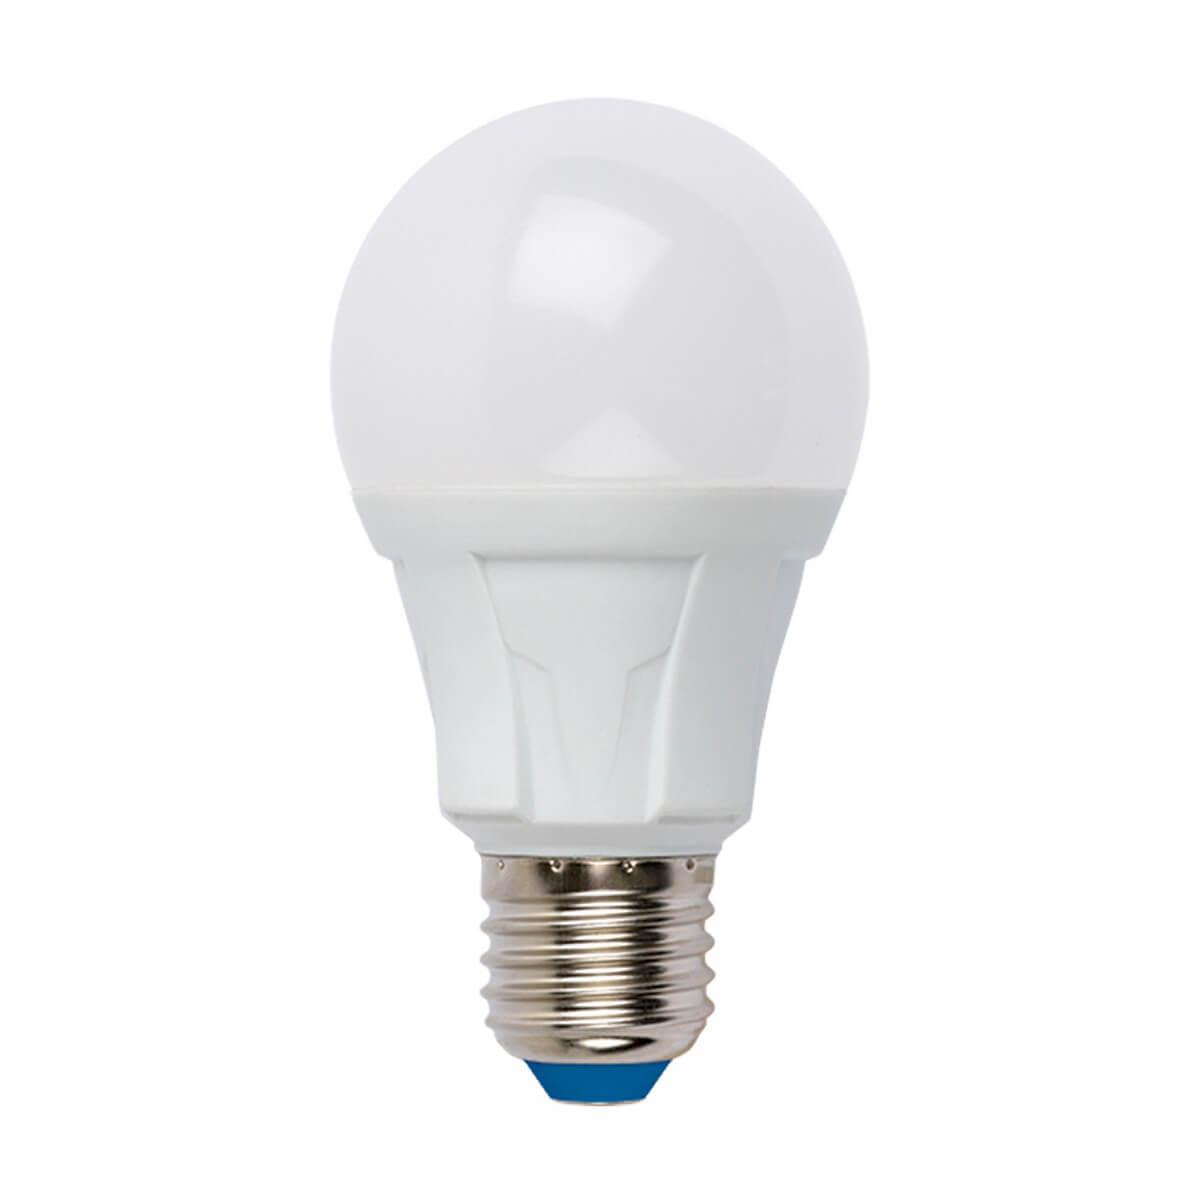 Лампа светодиодная диммируемая (UL-00004286) Uniel E27 10W 4000K матовая LED-A60 10W/4000K/E27/FR/DIM PLP01WH